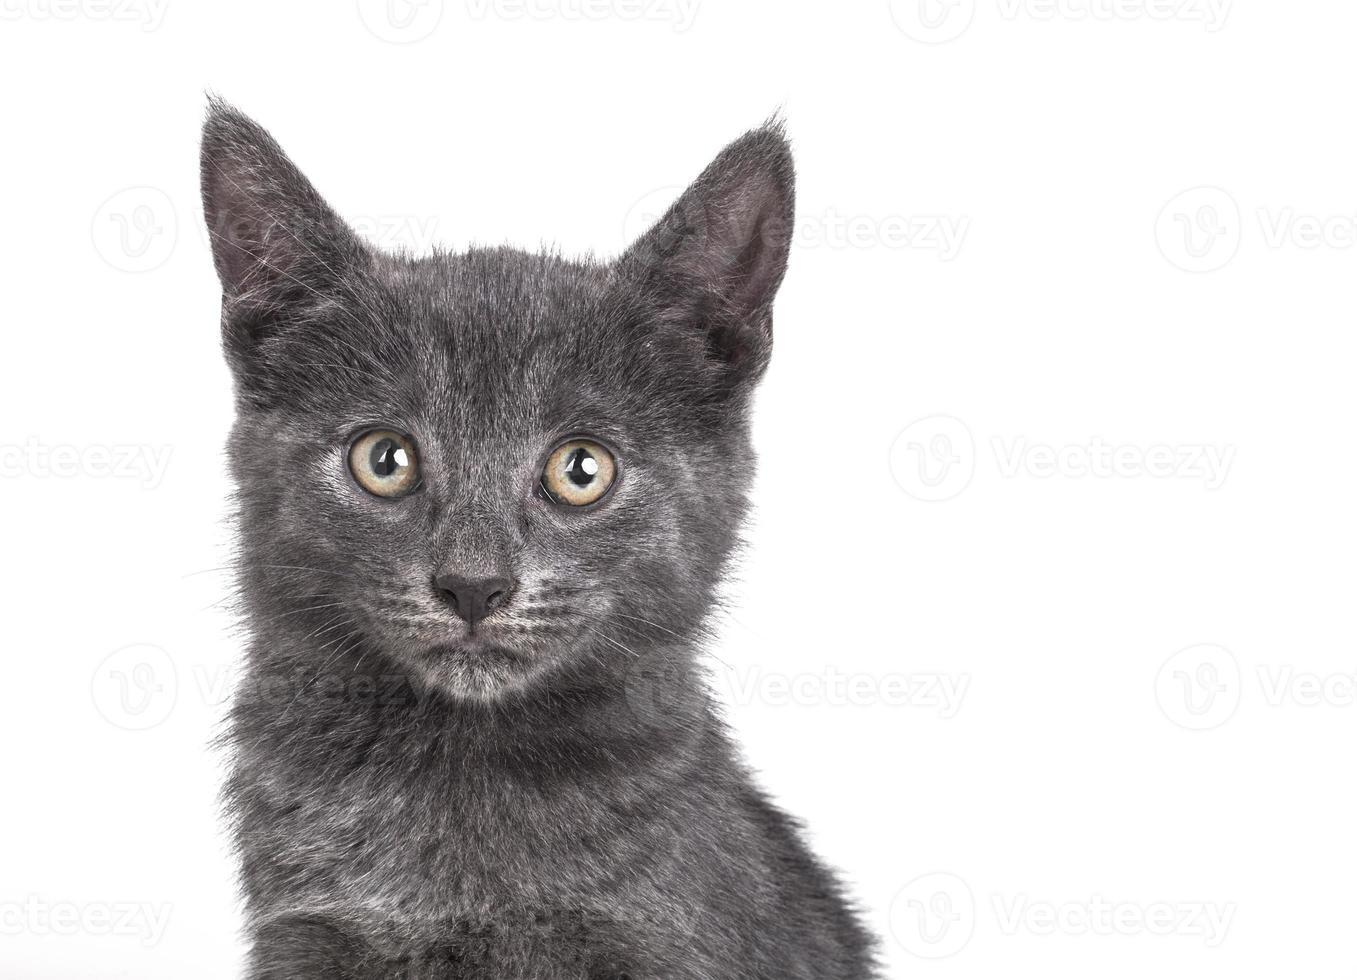 pequeño gato británico gris foto